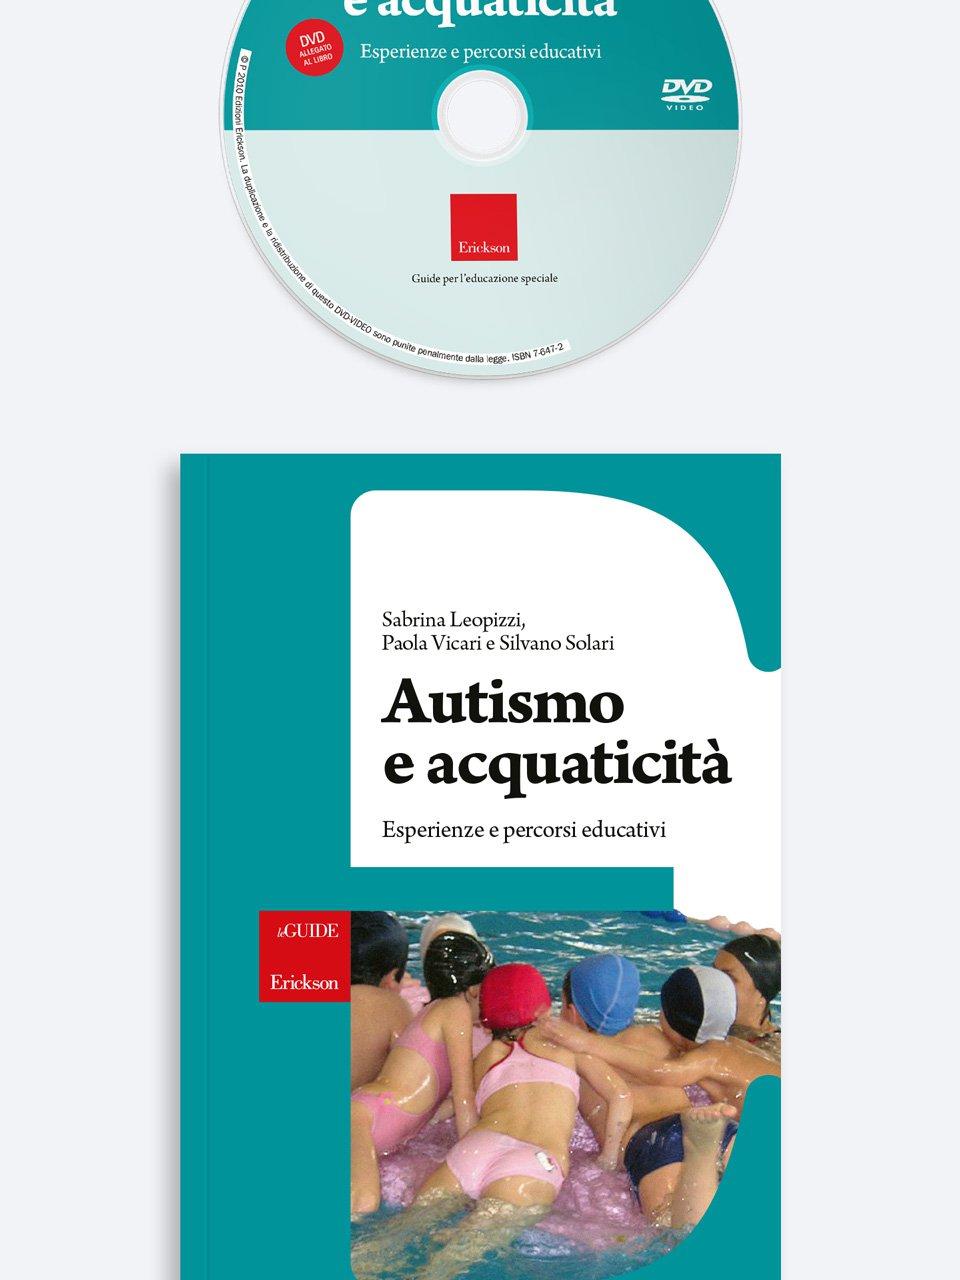 Autismo e acquaticità - Il nostro autismo quotidiano - Libri - Erickson